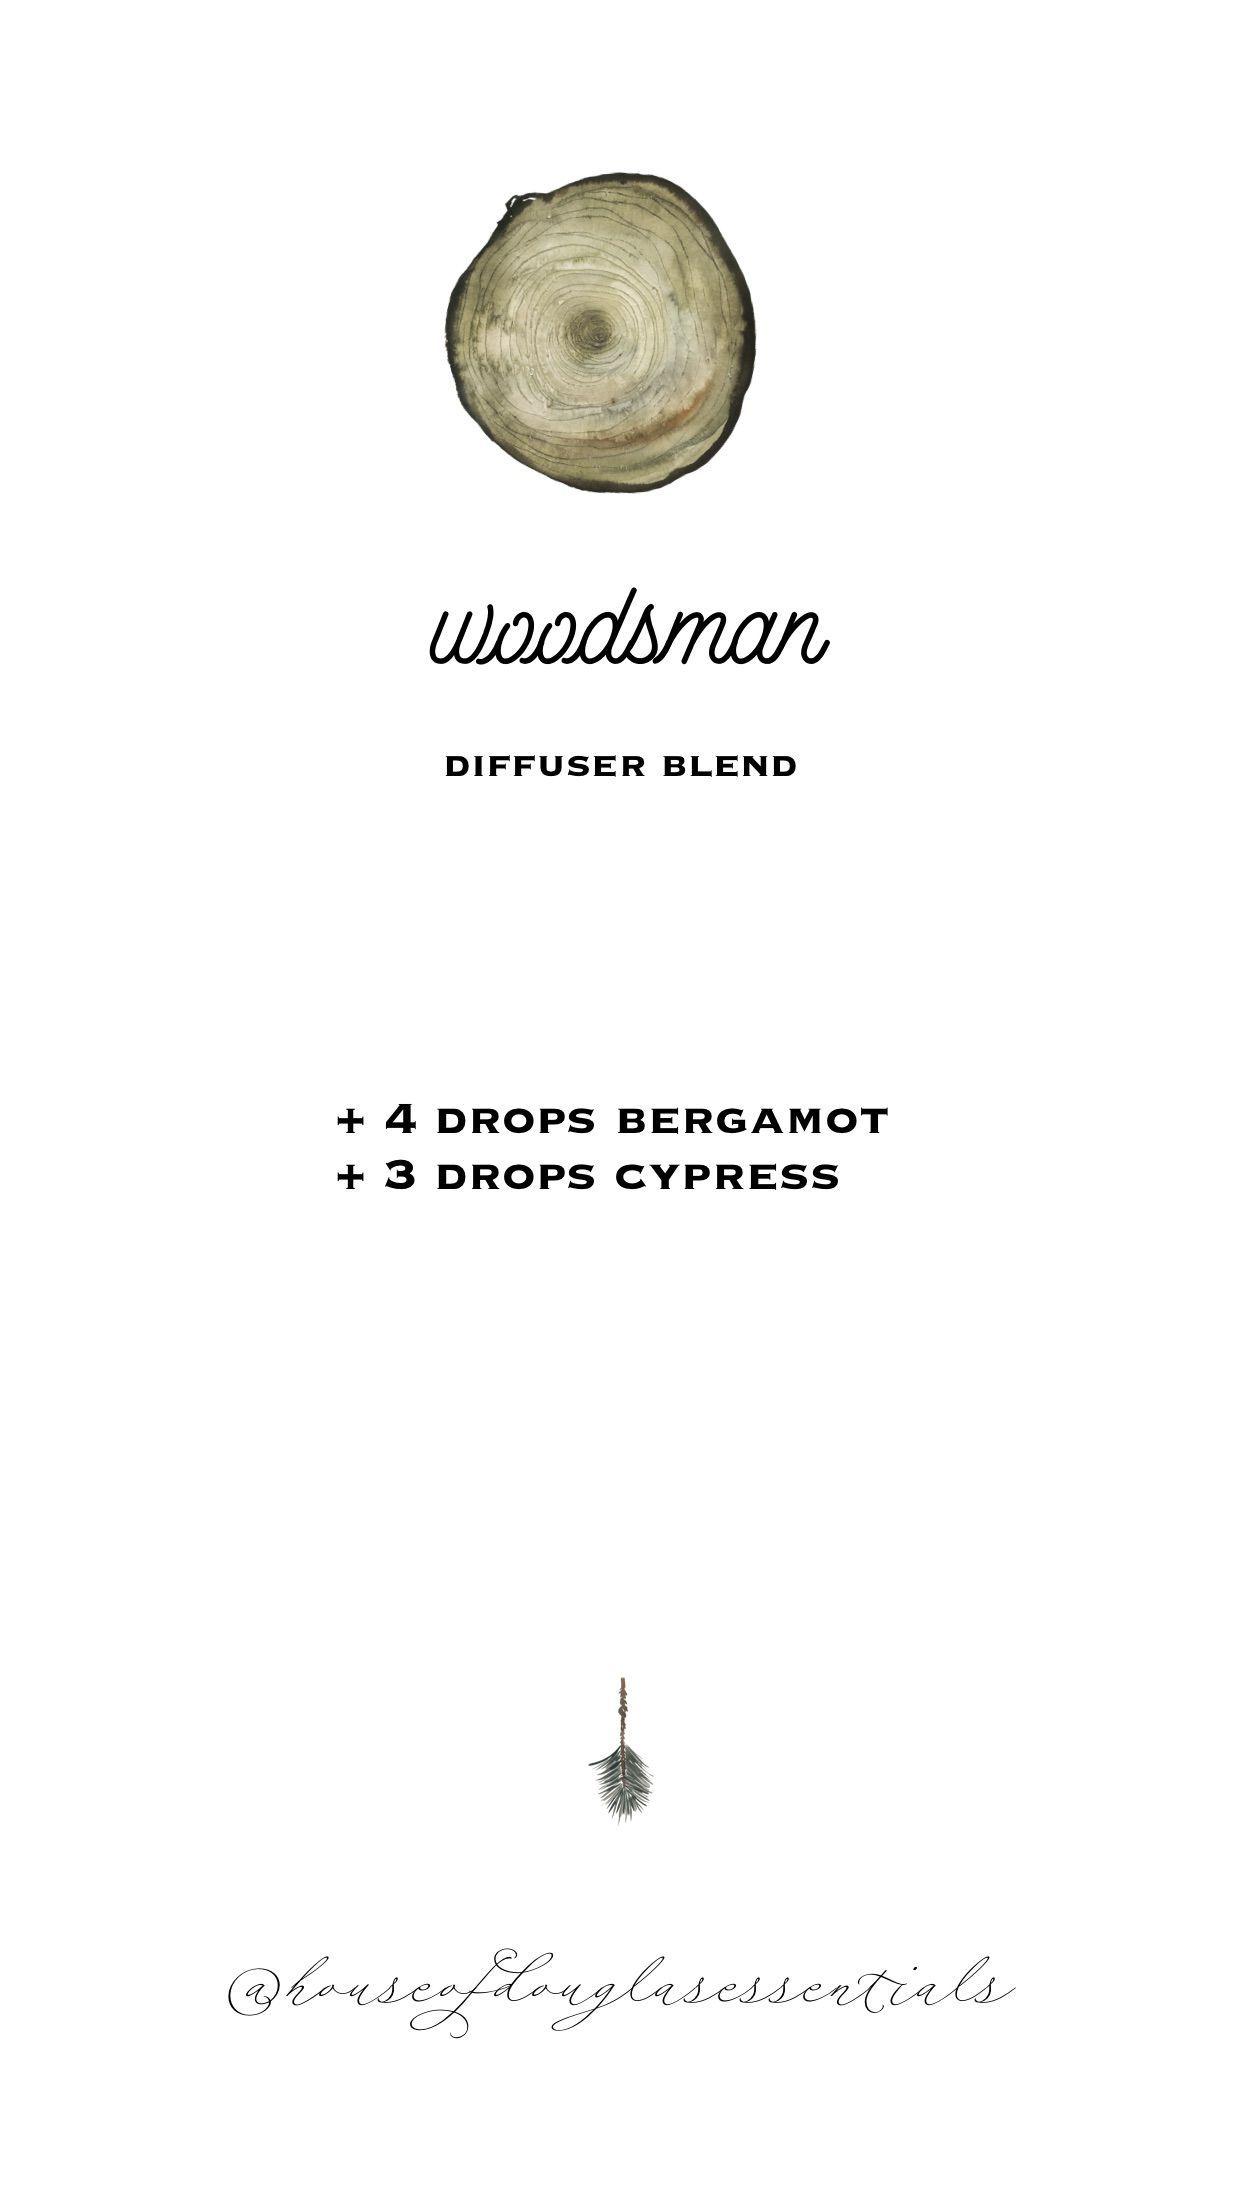 woodsman diffuser blend | fall diffuser blends | young living essential oils | diffuser blends | diffuser recipes | wellness | eo | bergamot |  cypress | autumn #oils #essentialoil #diffuser #diffuserblend #youngliving #diffuserrecipe #fall #winterdiffuserblends